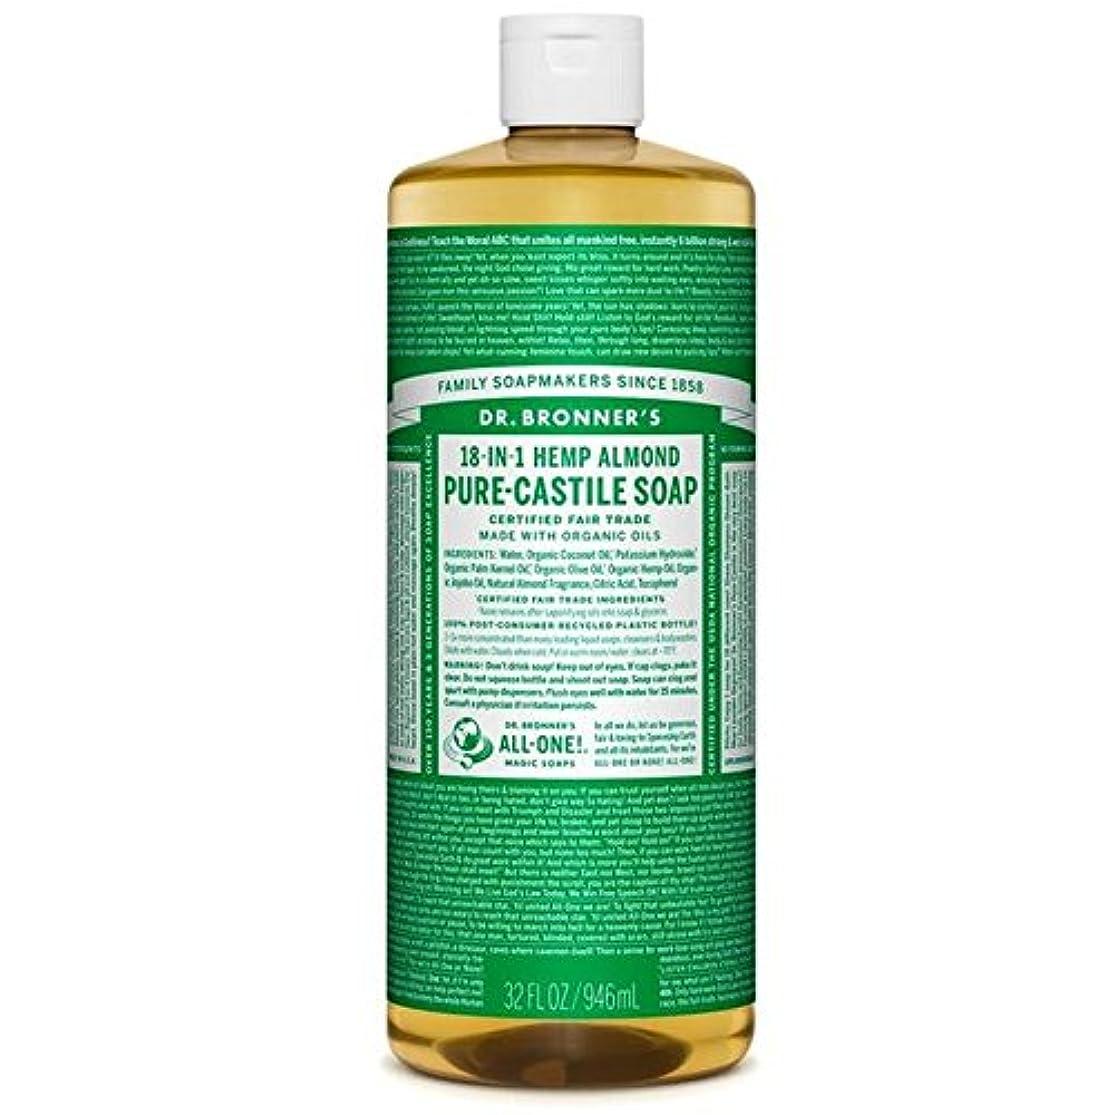 線形ジャーナリスト頭のブロナー有機アーモンドカスティーリャ液体石鹸946ミリリットル x4 - Dr Bronner Organic Almond Castile Liquid Soap 946ml (Pack of 4) [並行輸入品]